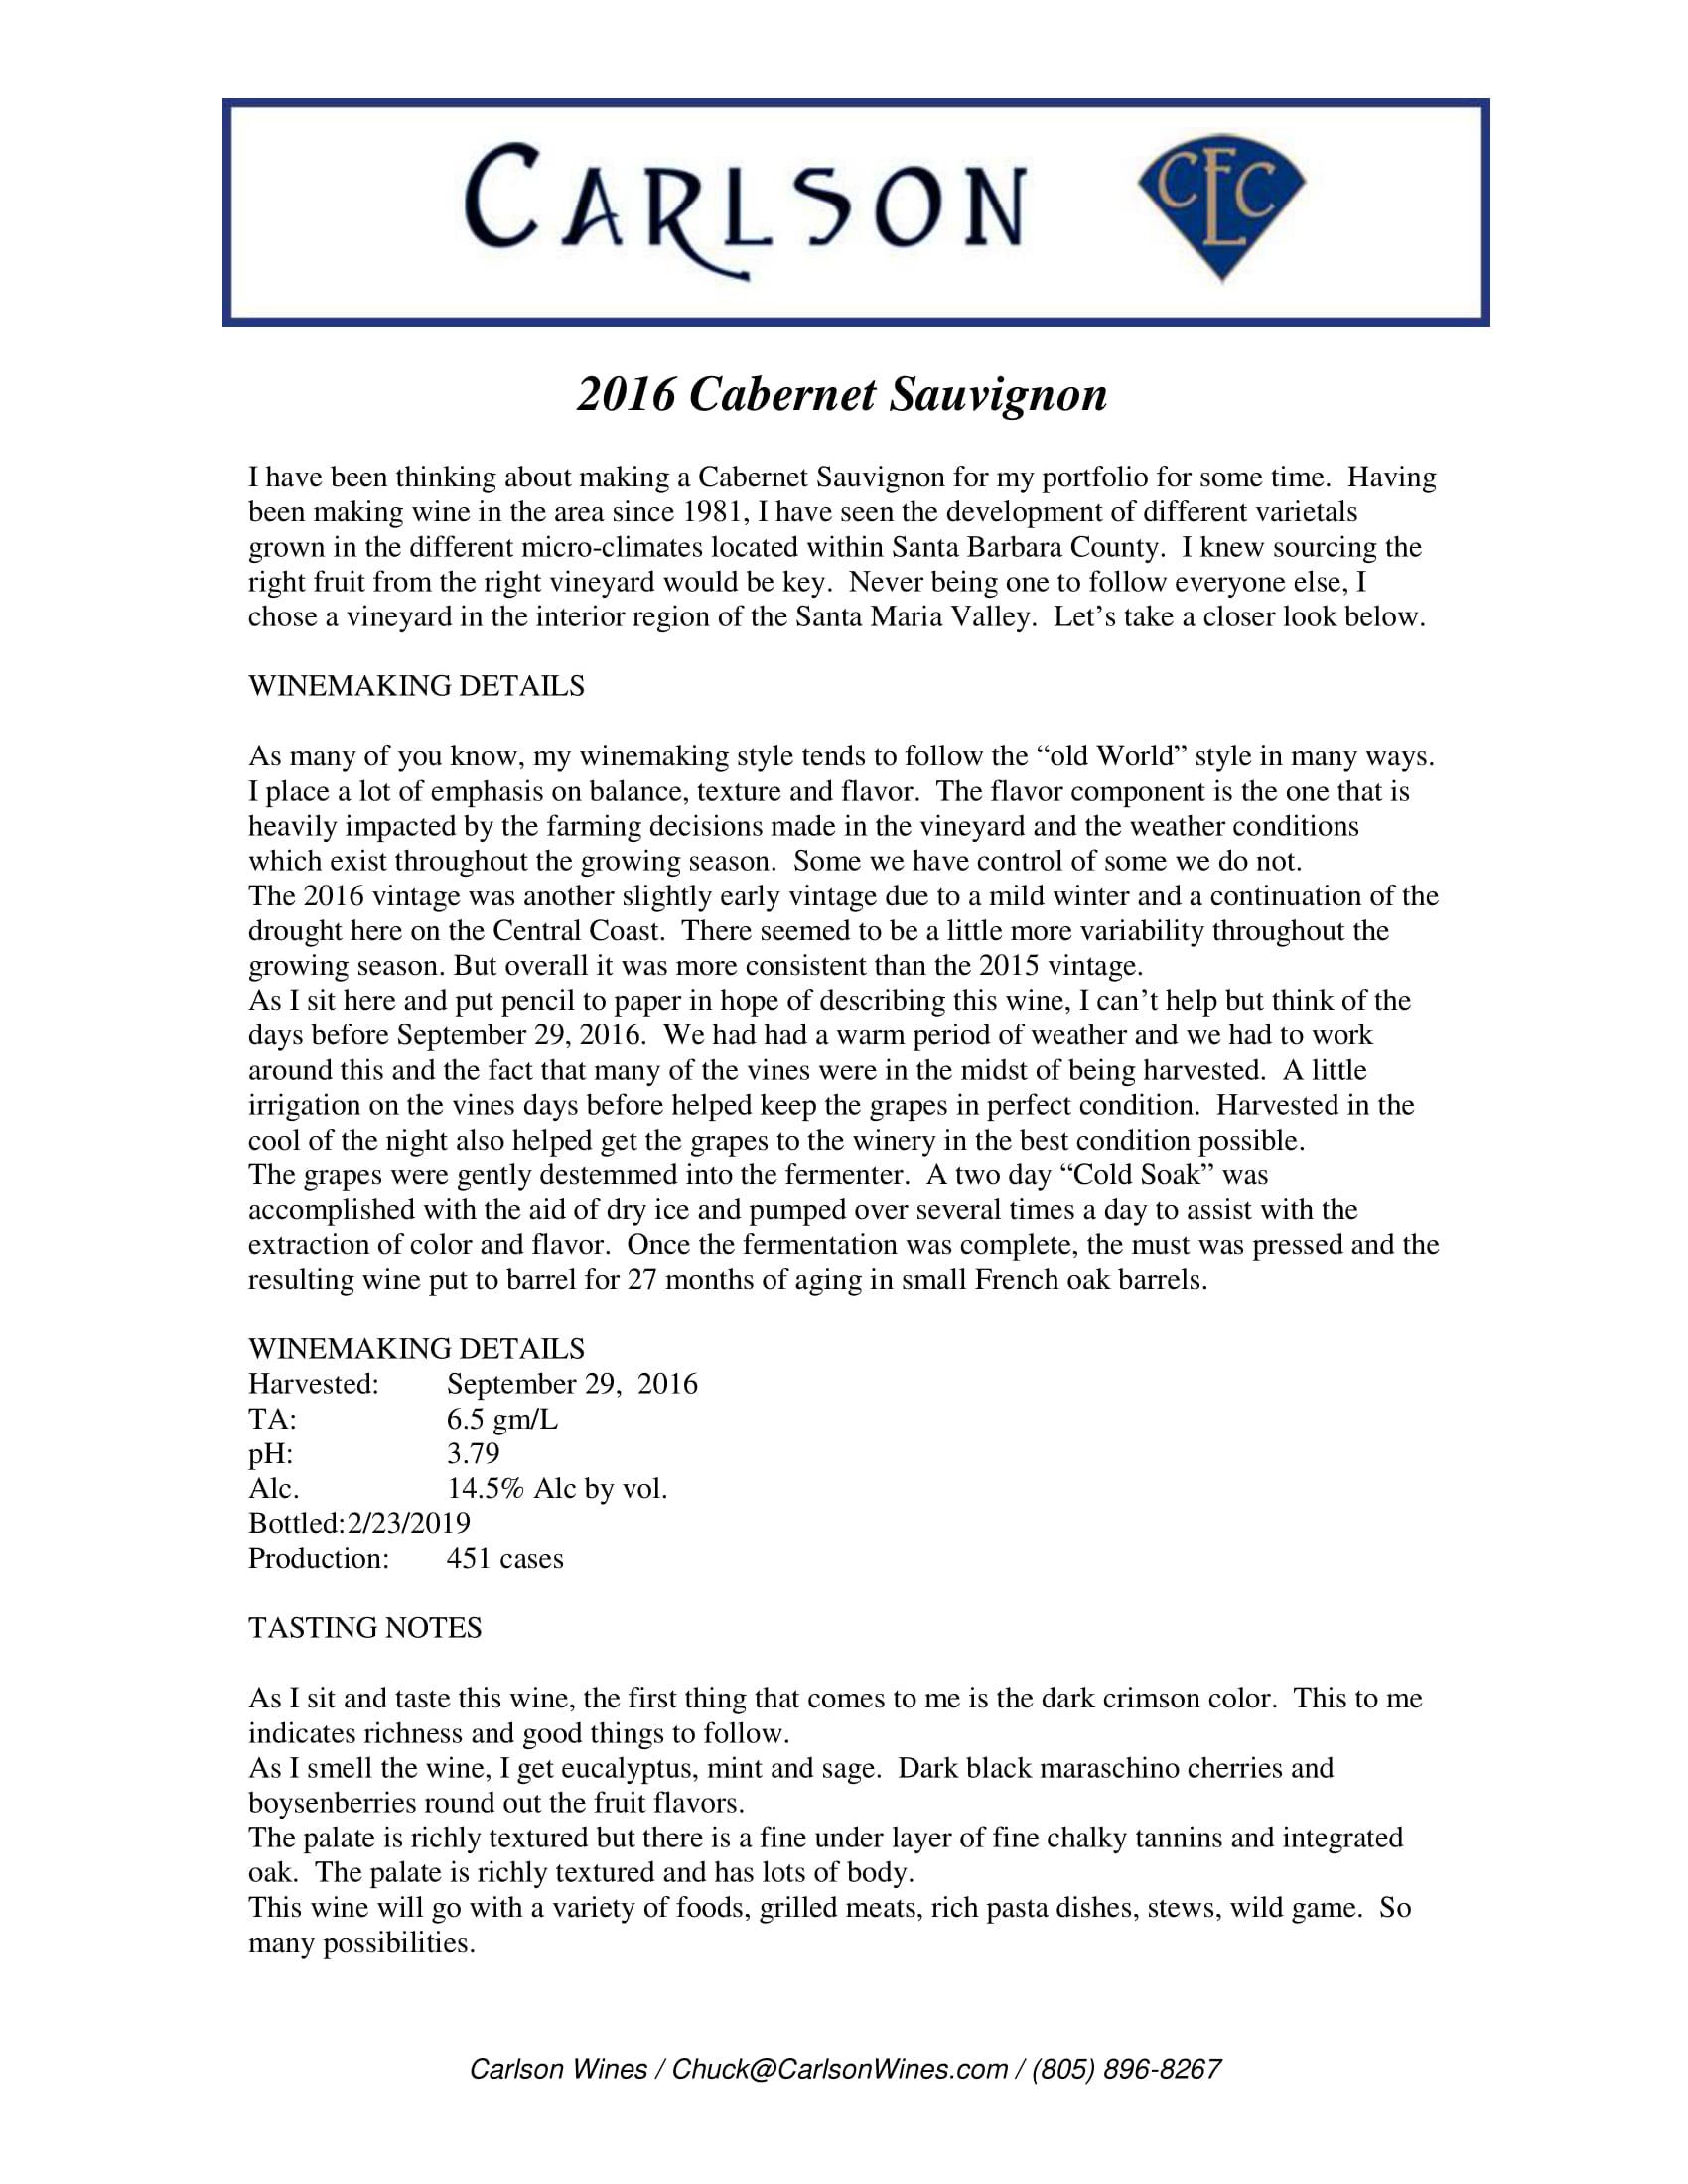 Carlson Cabernet Sauvignon Tech Sheet